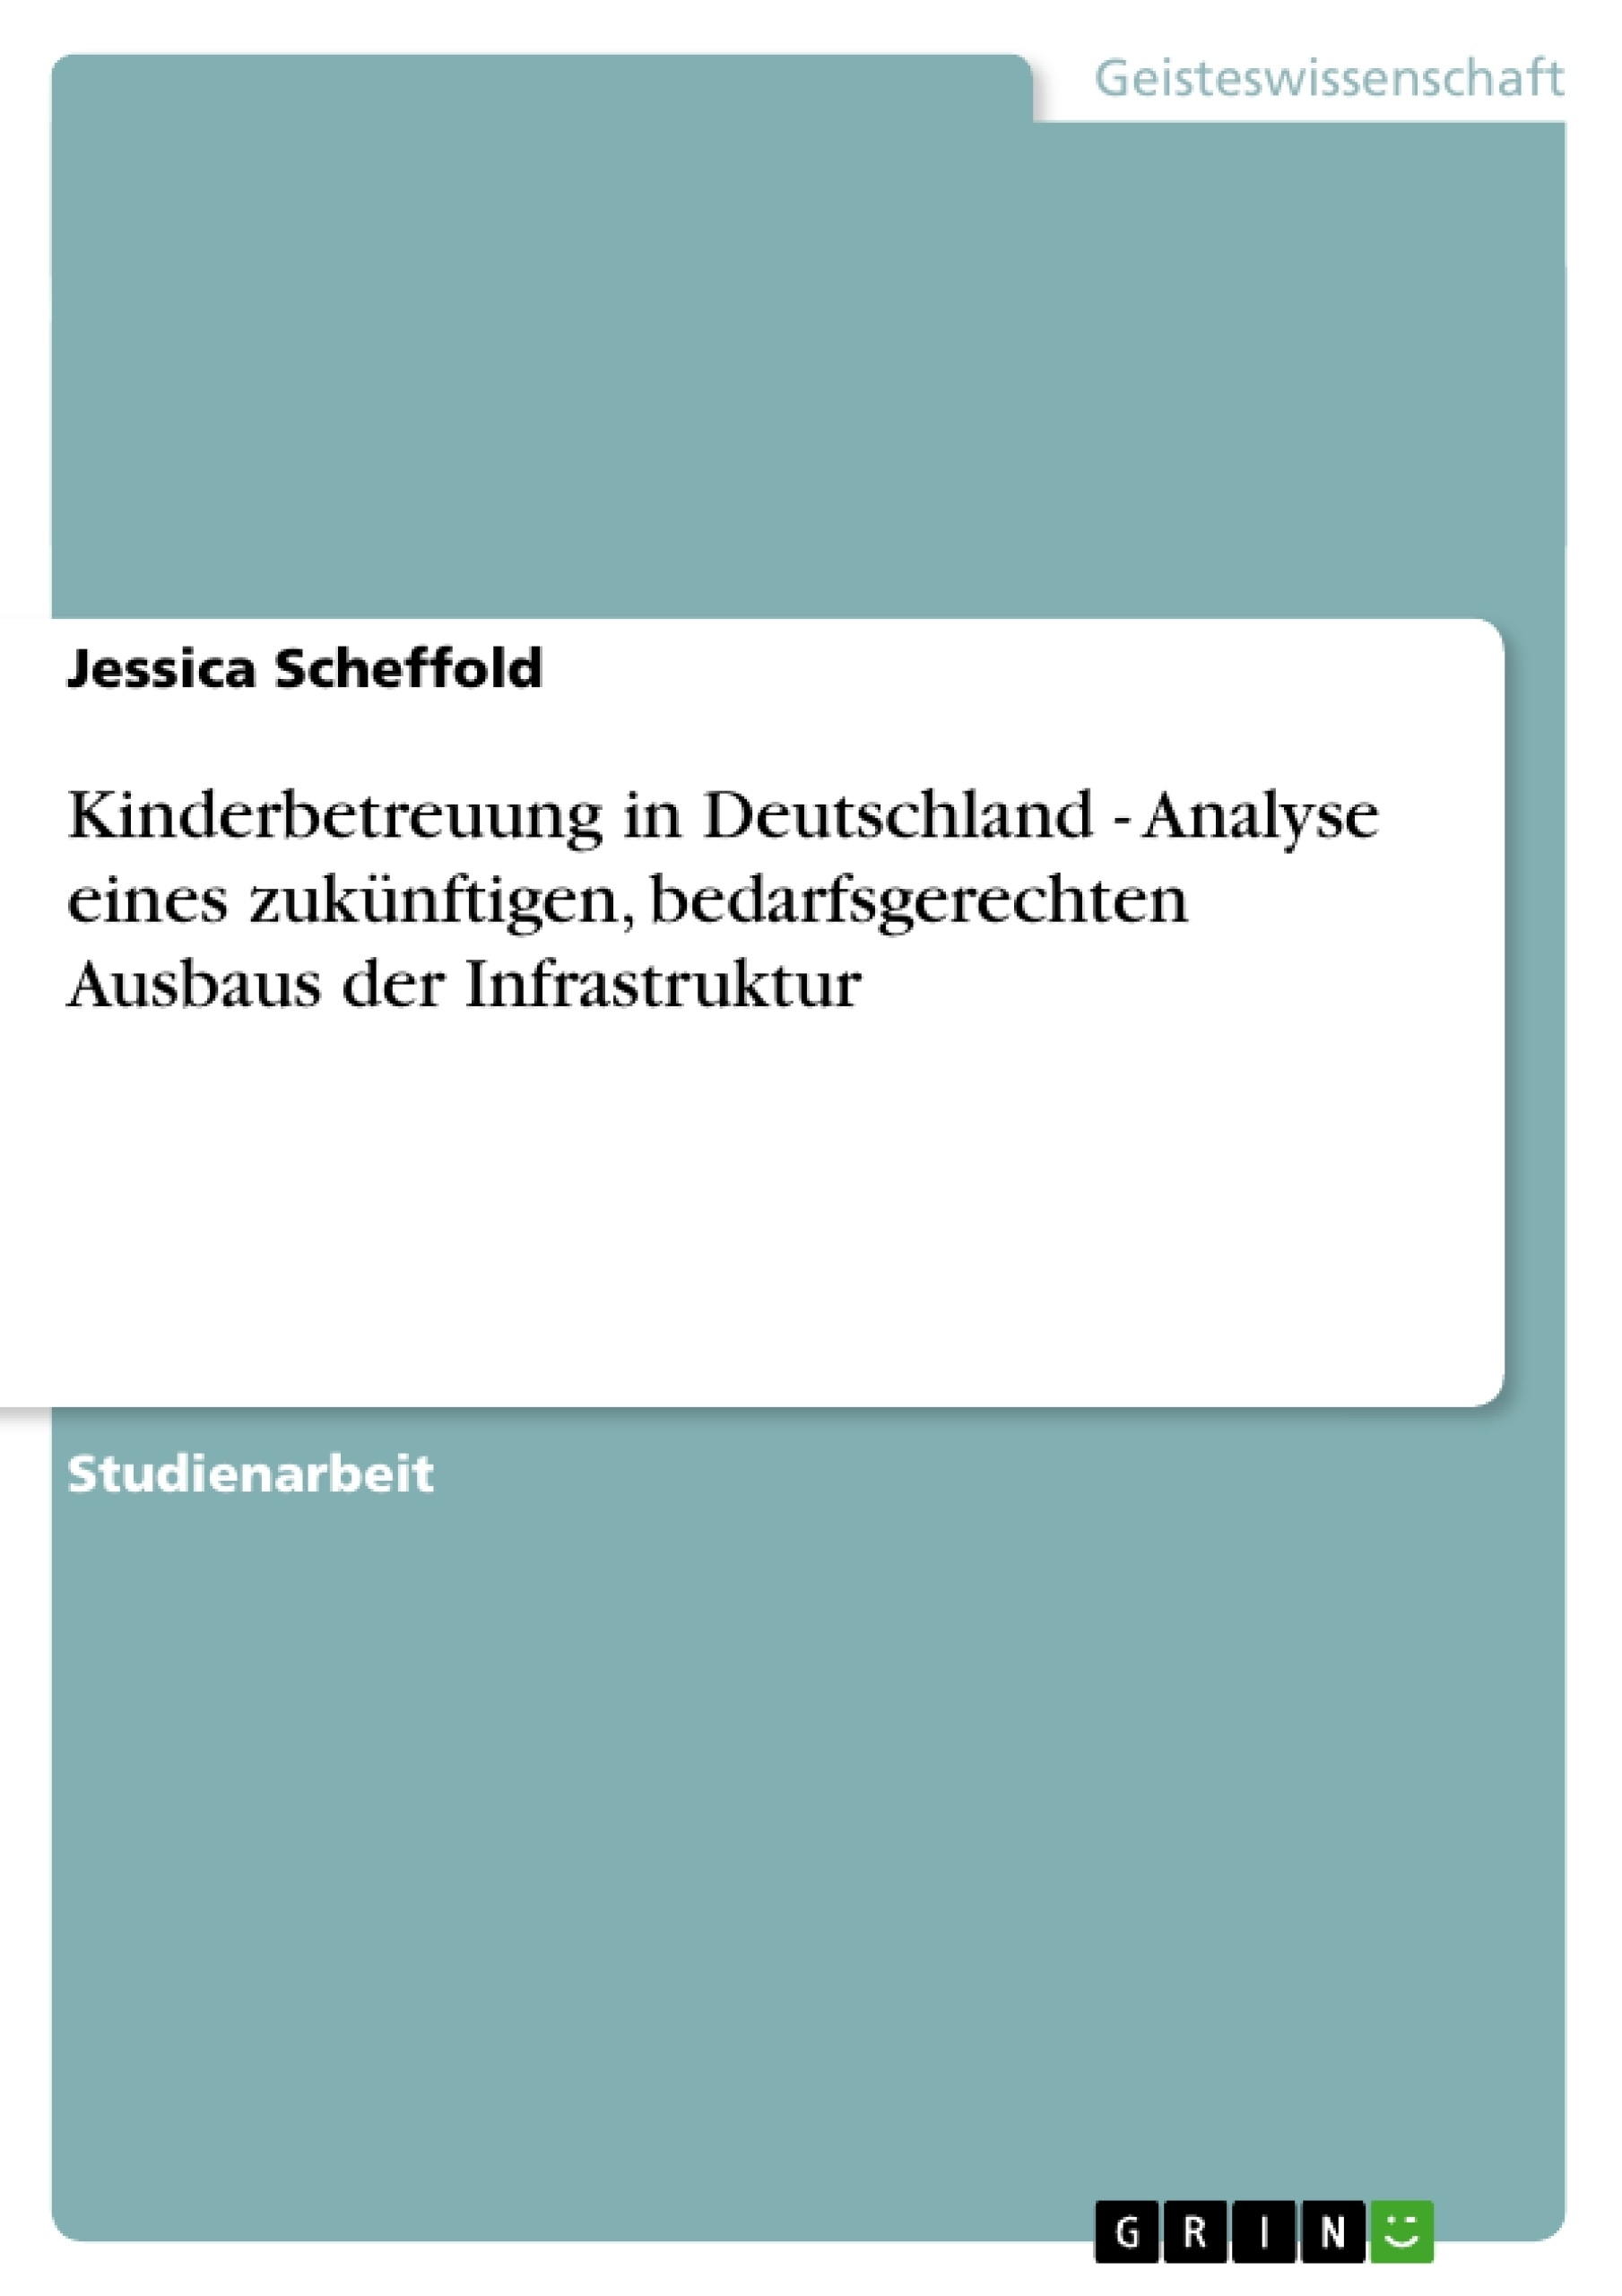 Titel: Kinderbetreuung in Deutschland - Analyse eines zukünftigen, bedarfsgerechten Ausbaus der Infrastruktur